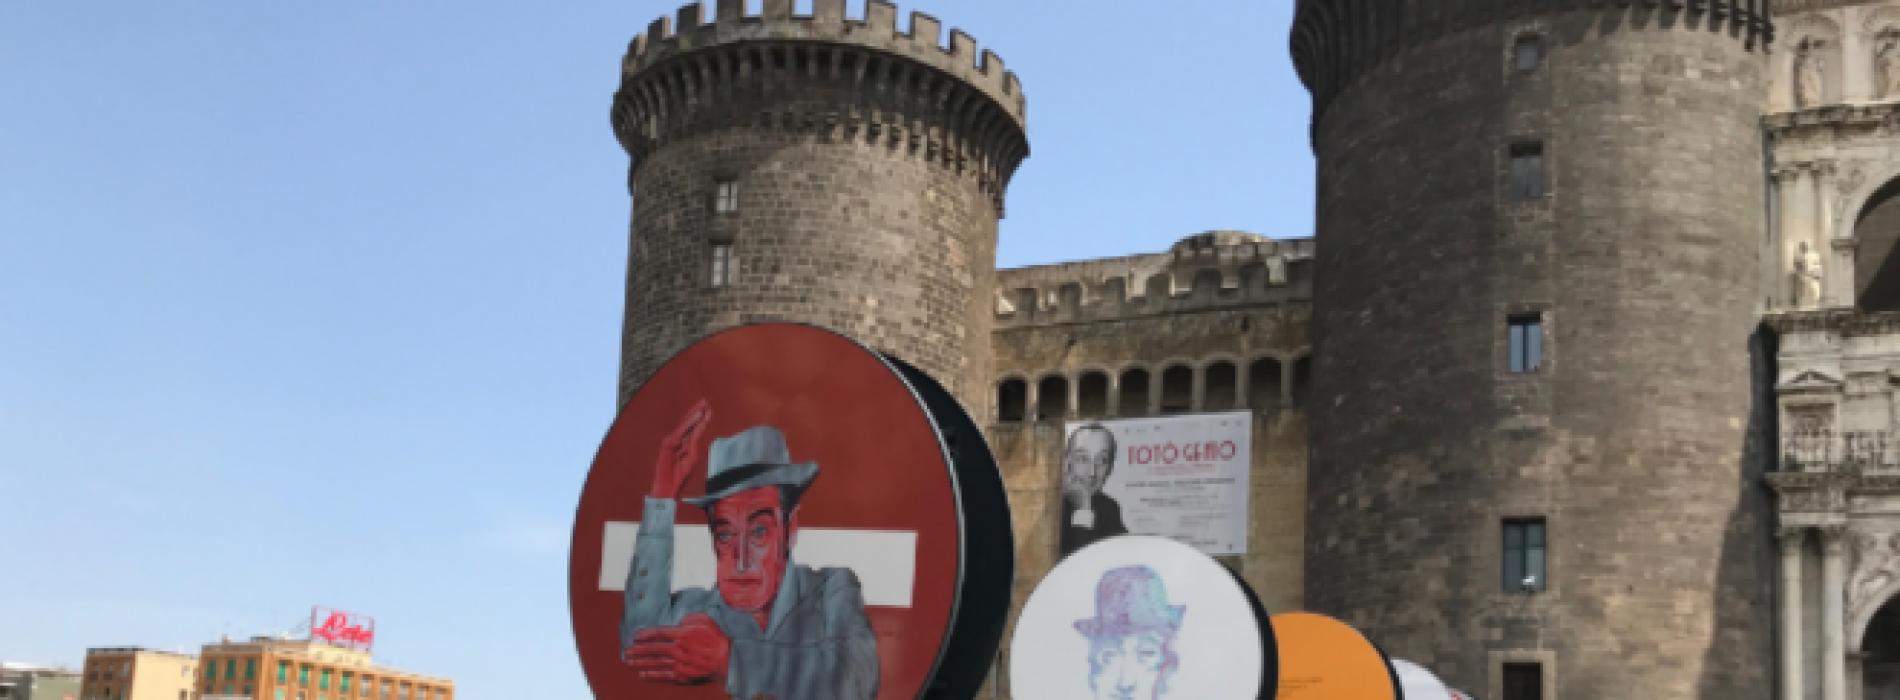 'O Maggio a Totò, per un mese a Napoli monumenti sorridenti